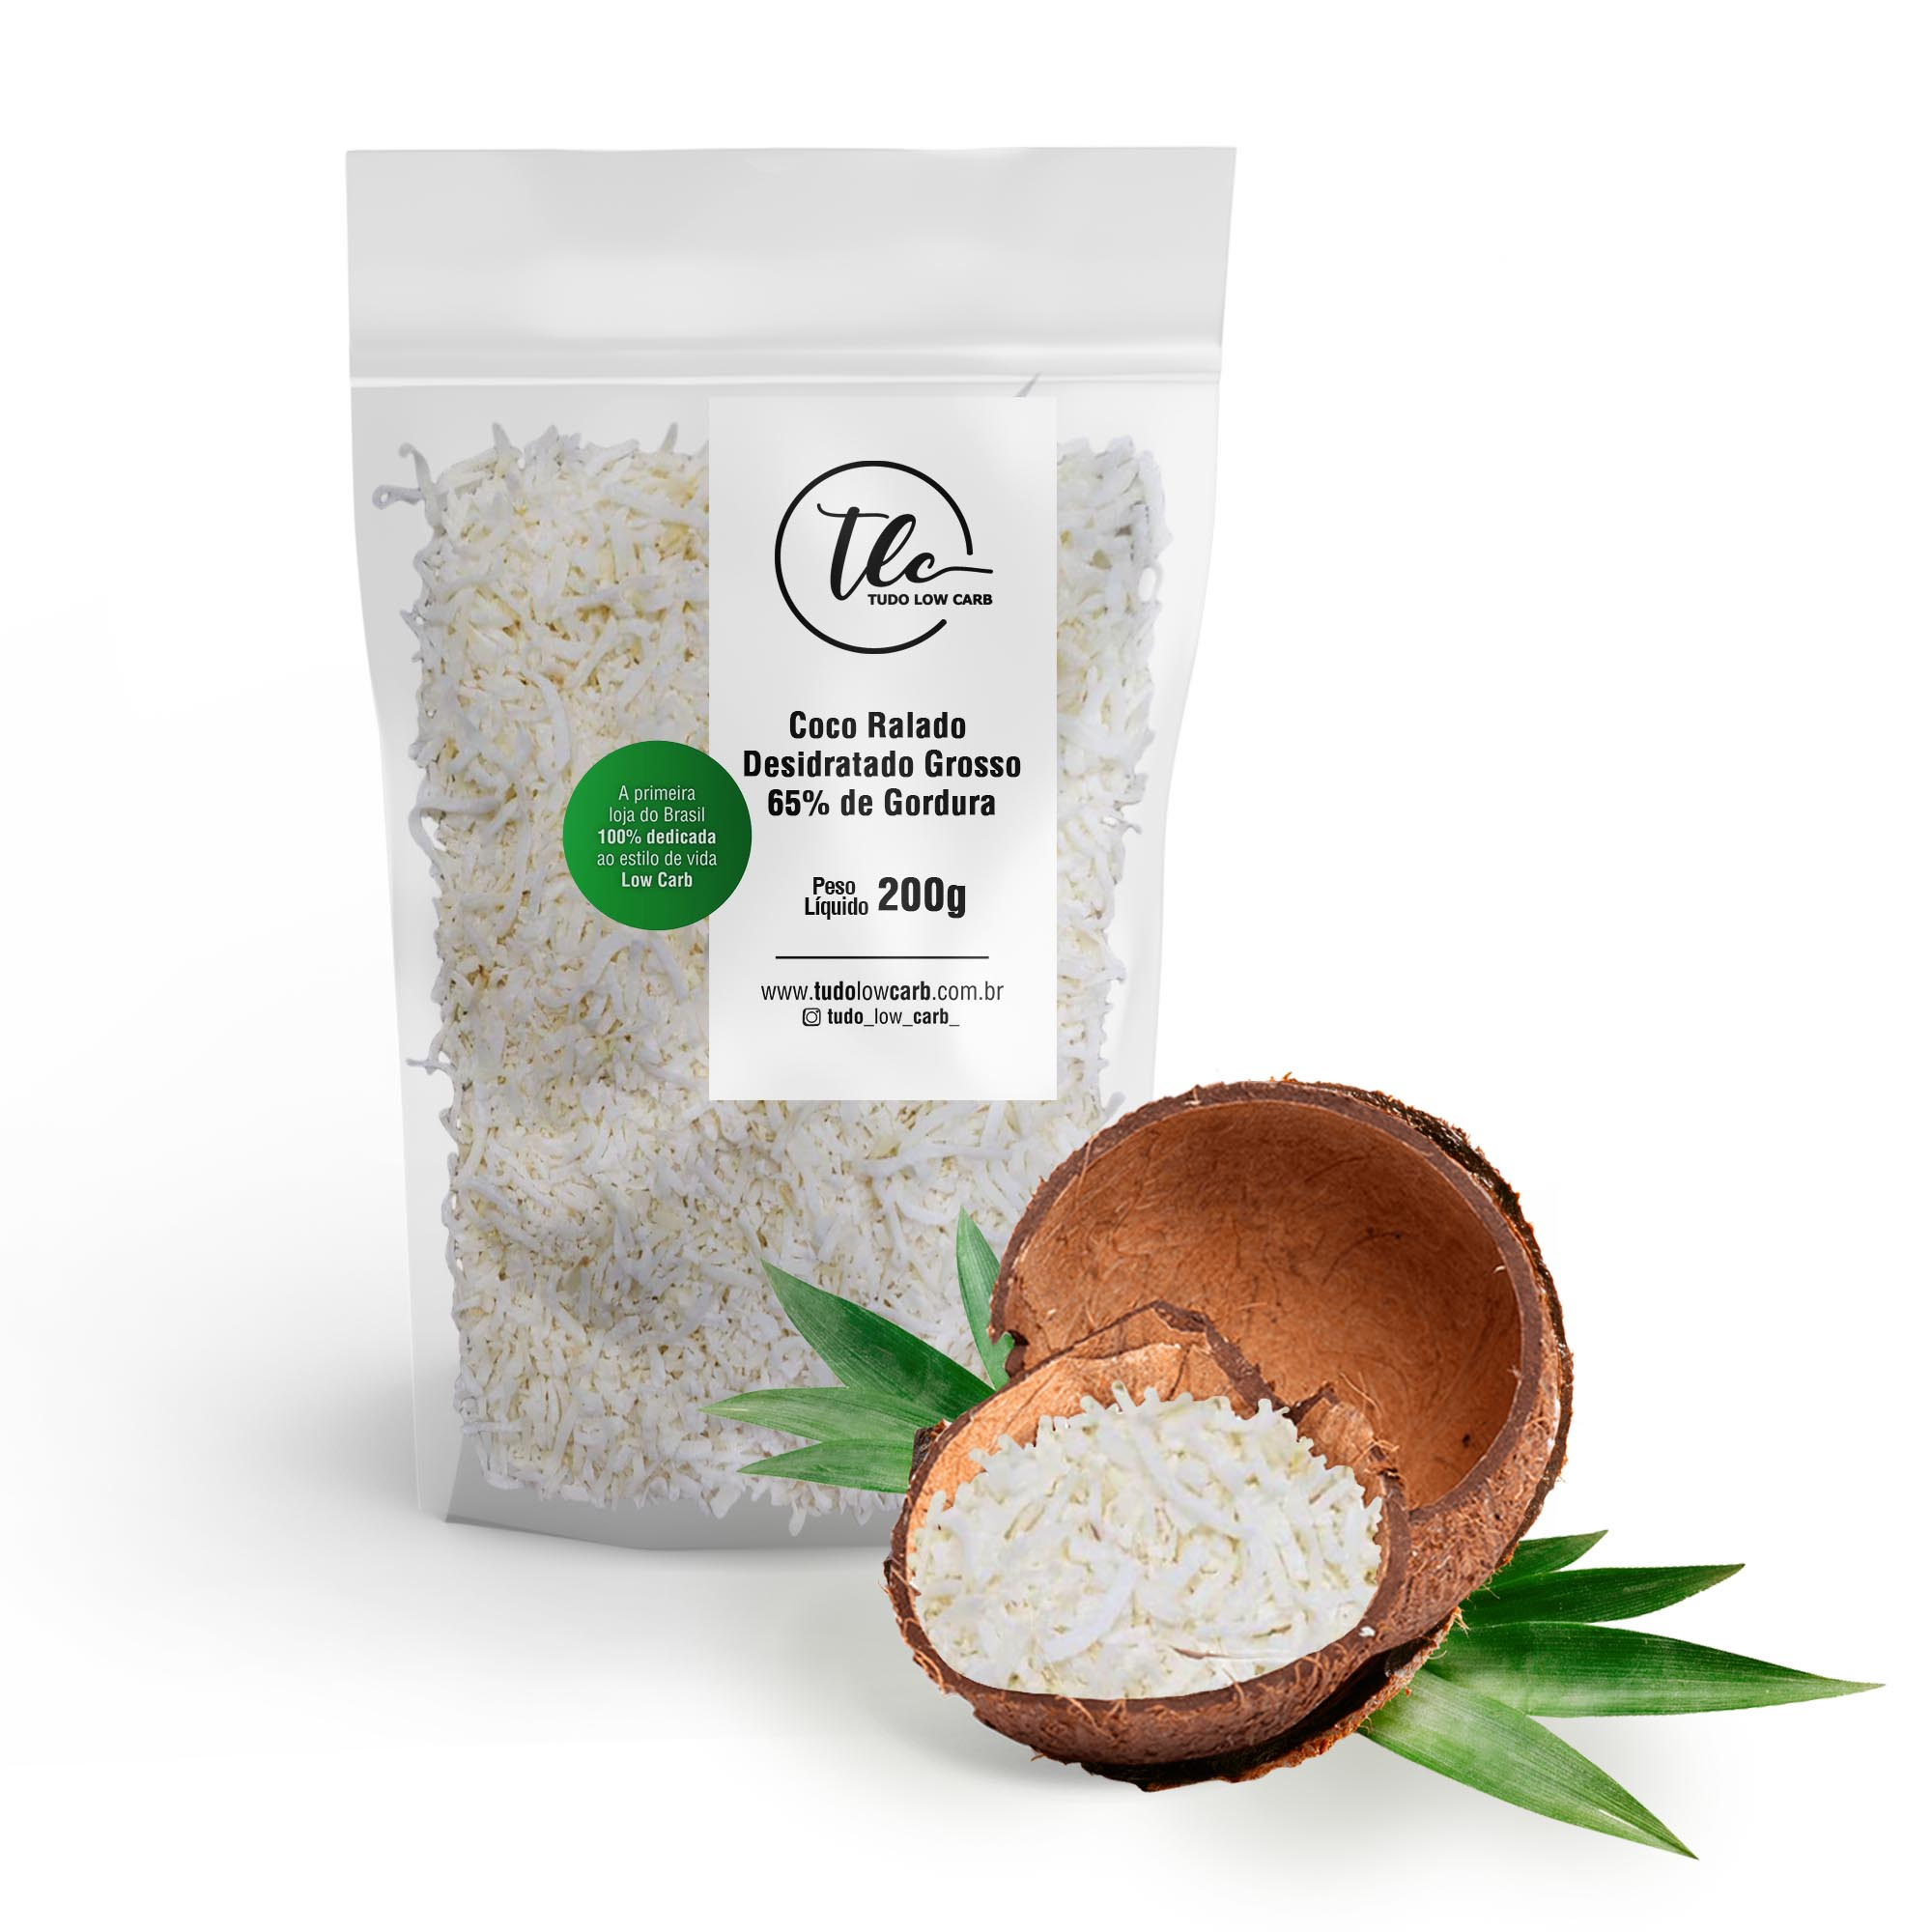 Coco Ralado Desidratado Grosso 65% Gordura (sem açucar) 200g  - TLC Tudo Low Carb